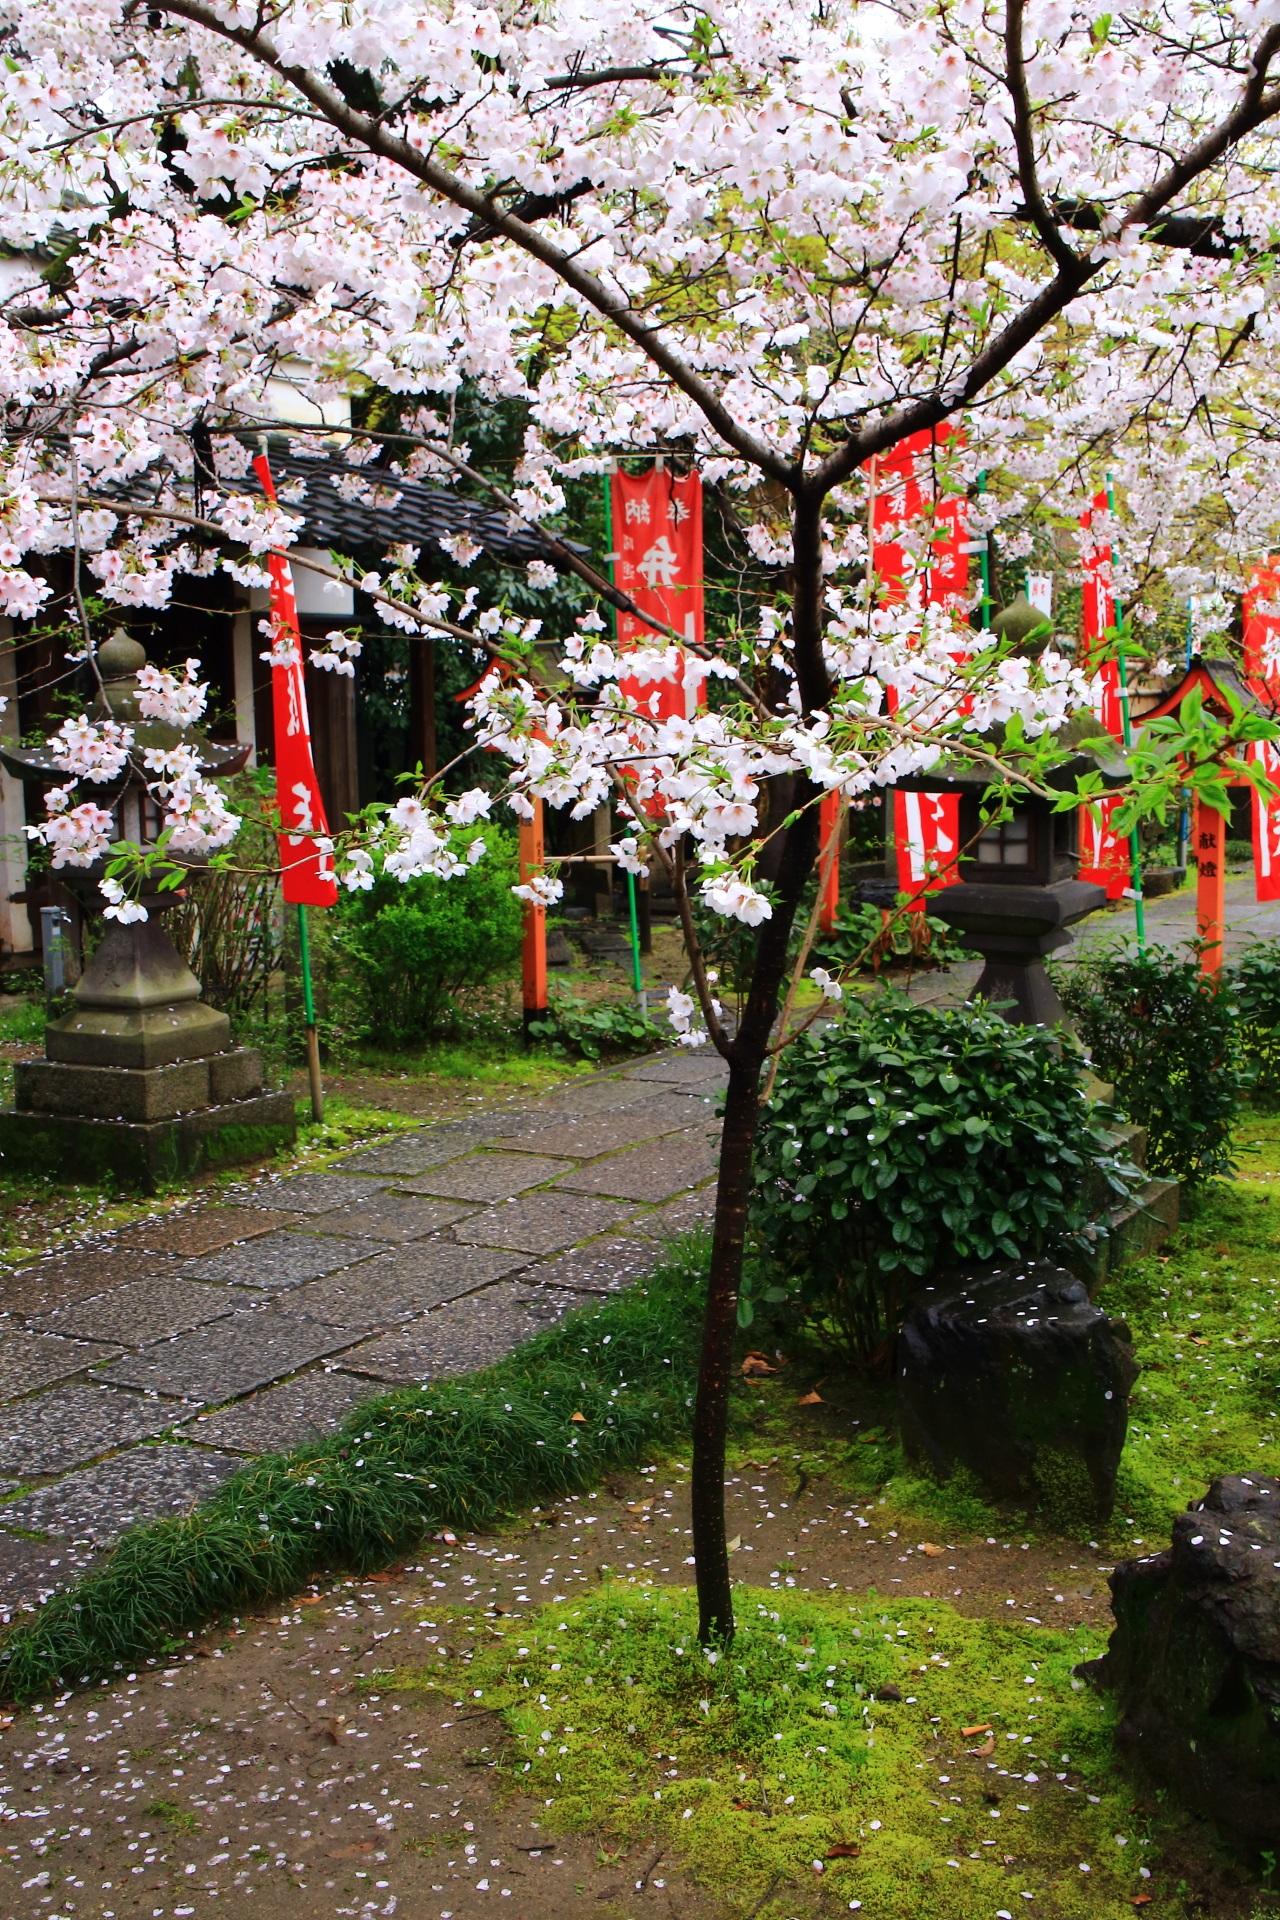 雨の日の情緒ある桜の境内